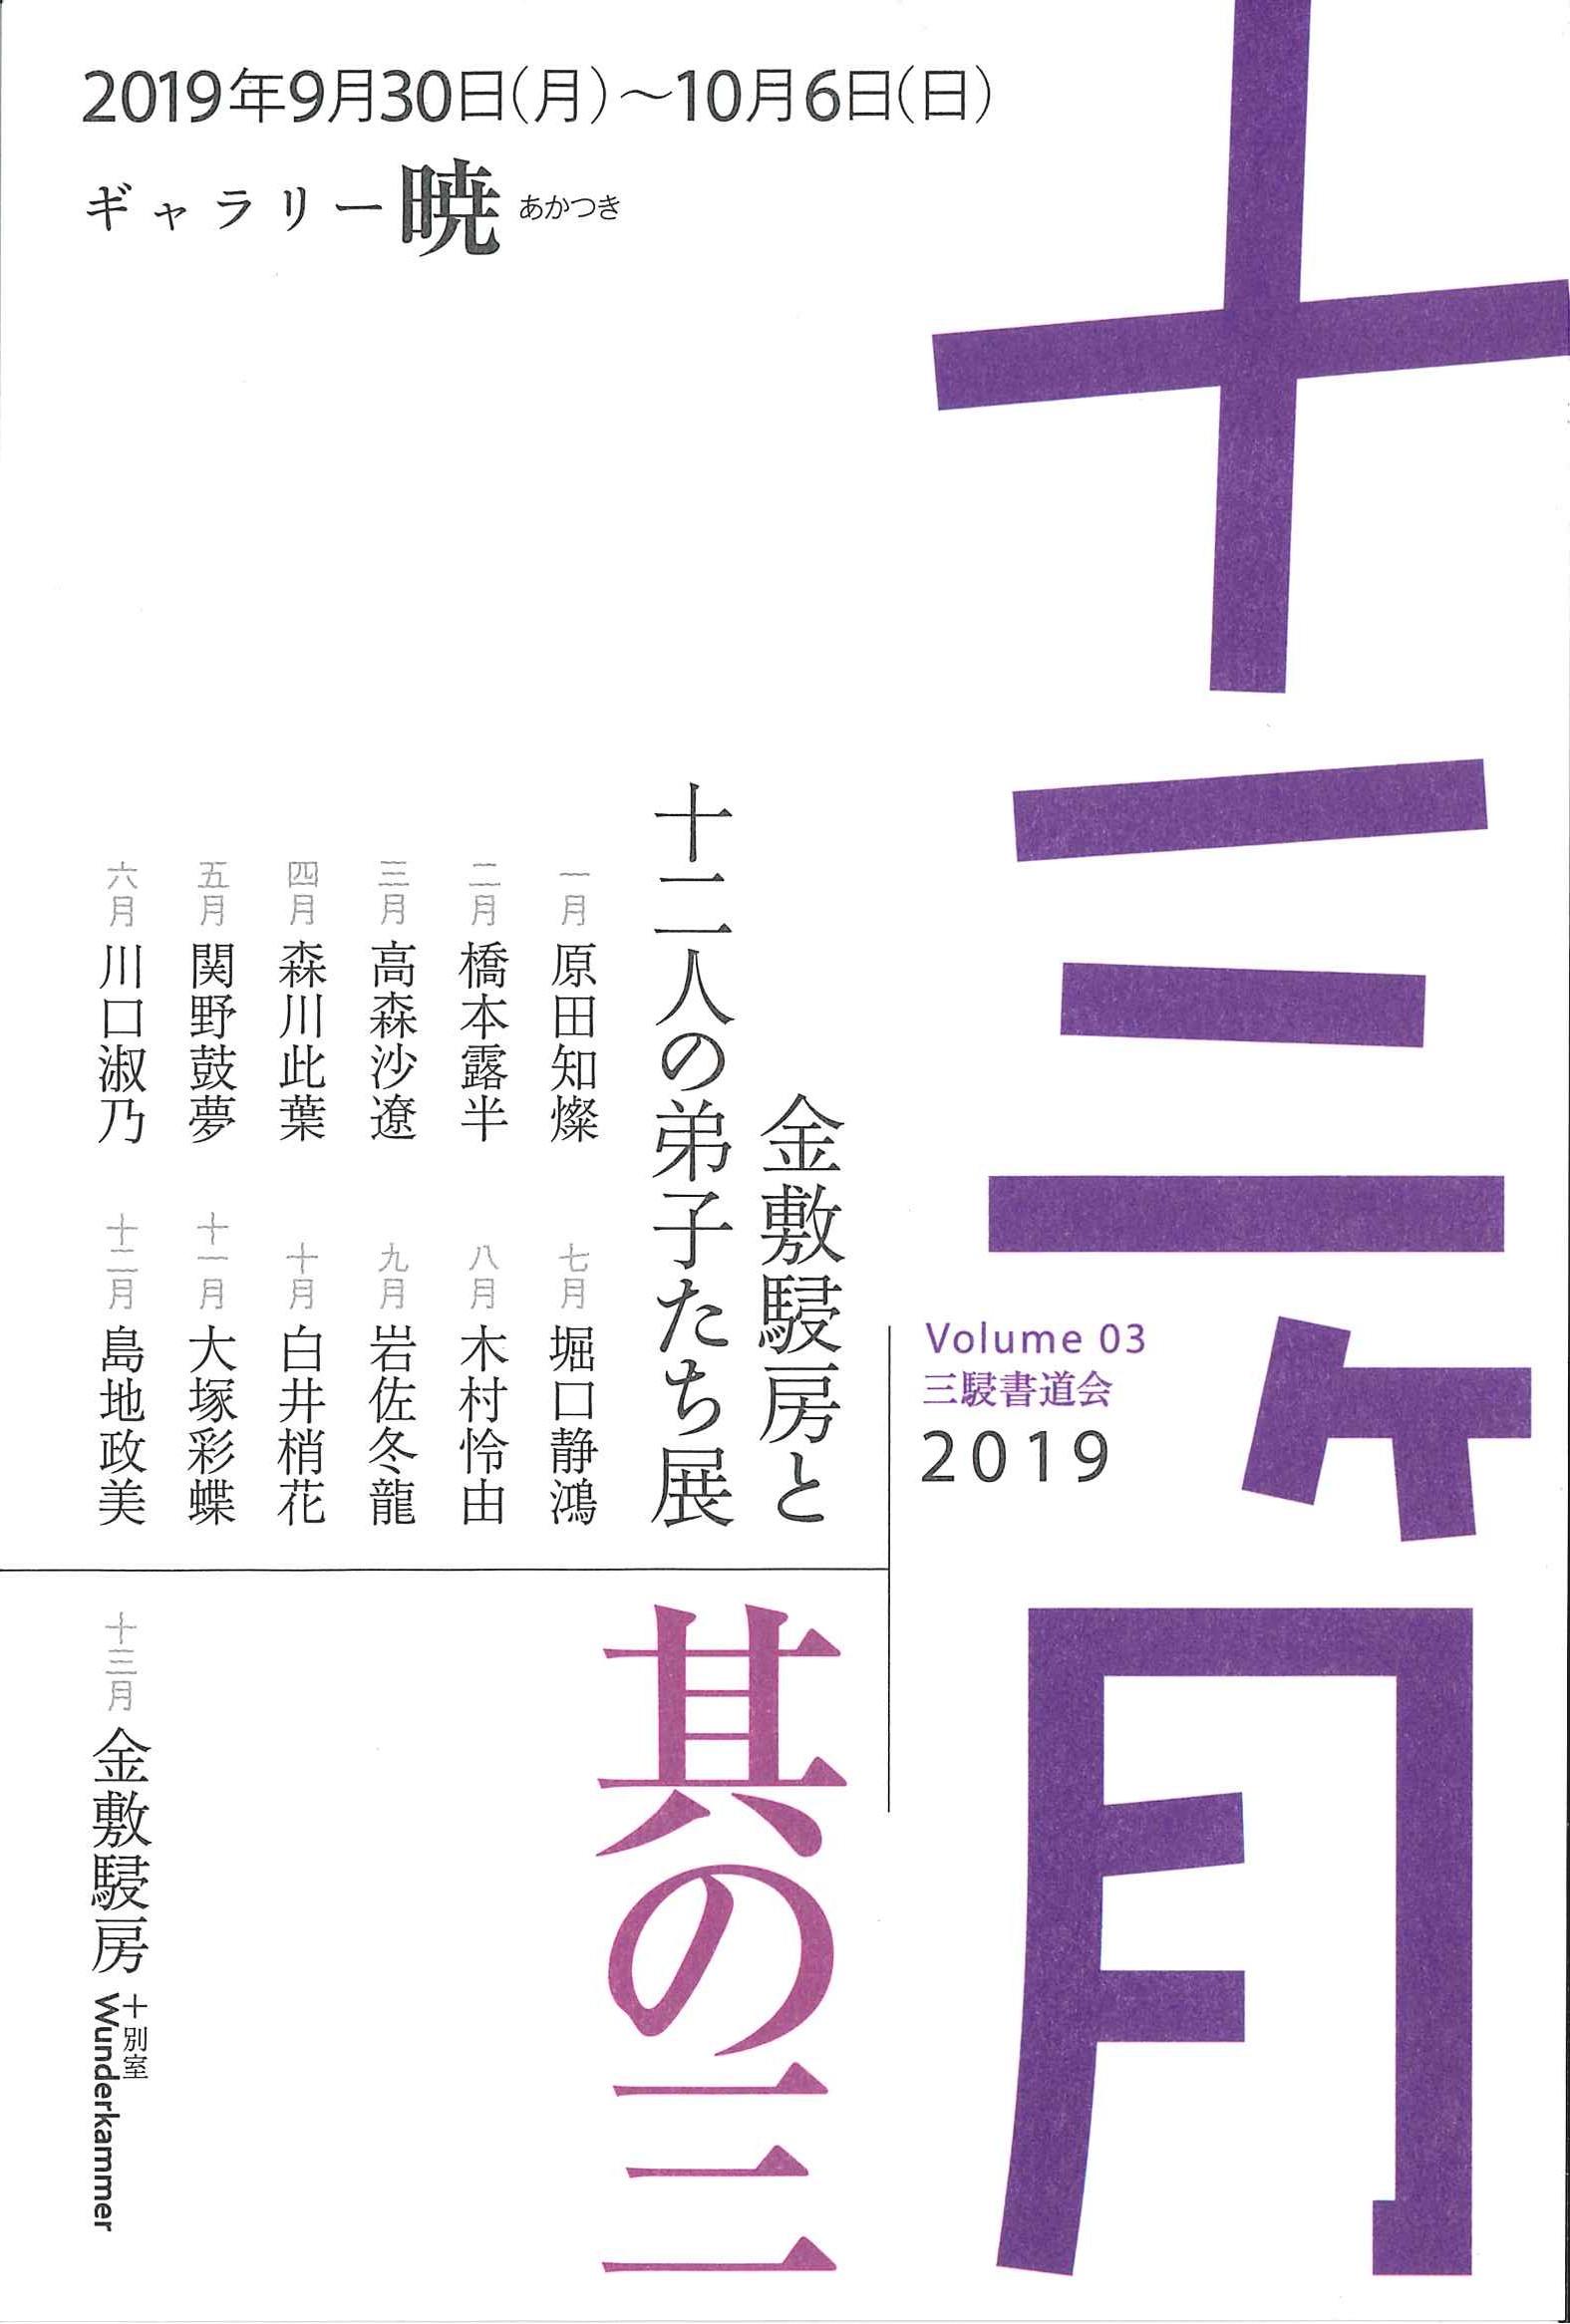 http://www.sogen.or.jp/letter/2019/08/19/20190819134256249_0001.jpg